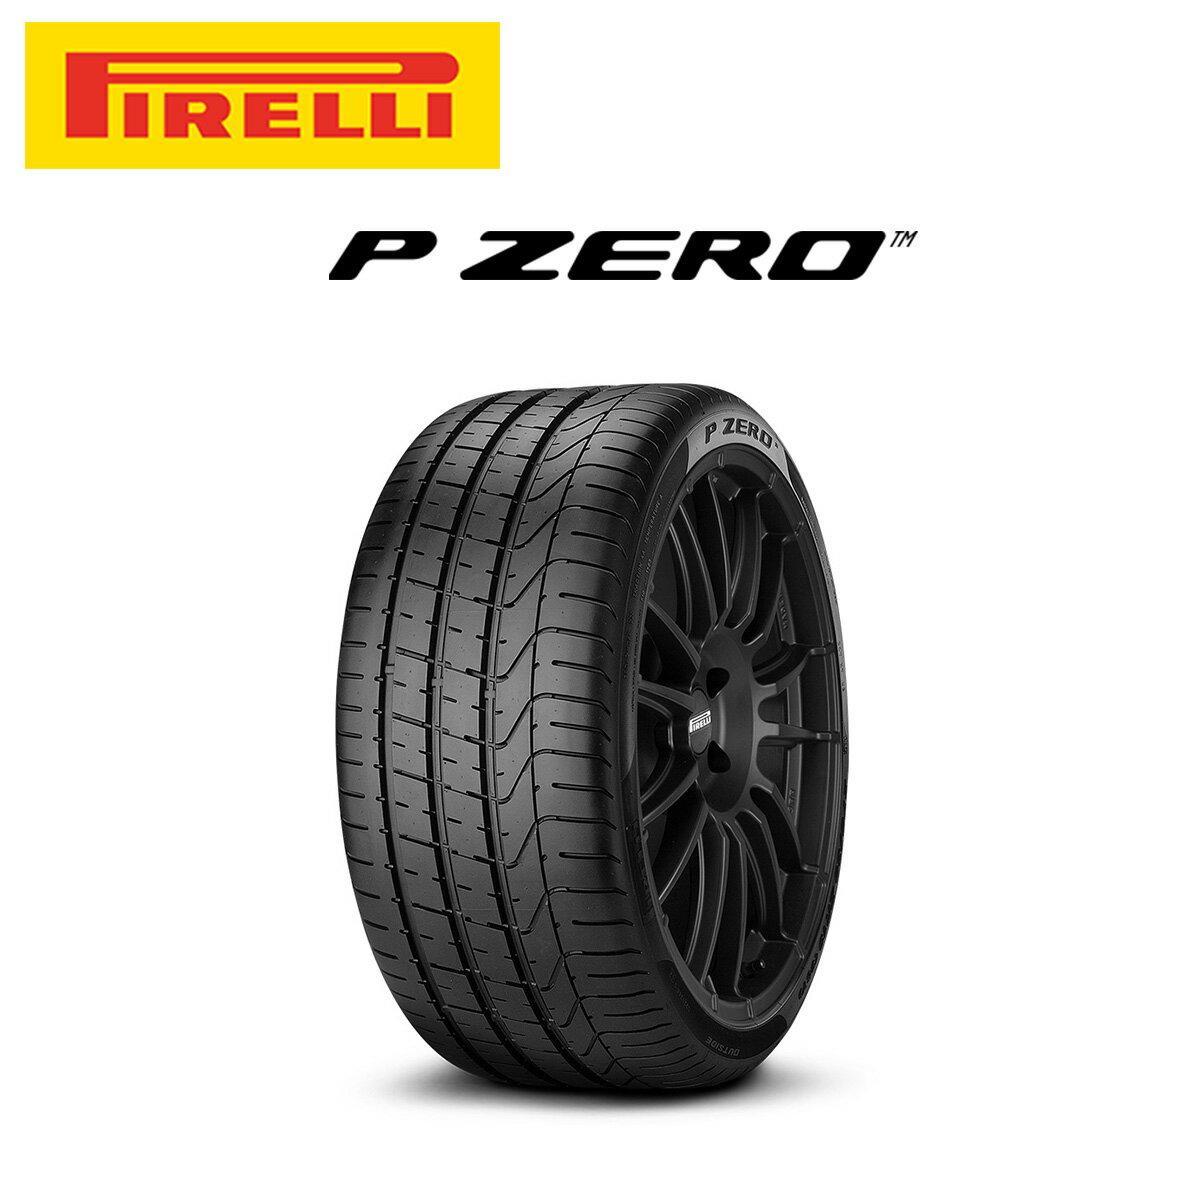 ピレリ PIRELLI P ZERO ピーゼロ 20インチ サマー タイヤ 1本 275/40ZR20 106Y XL 1791600